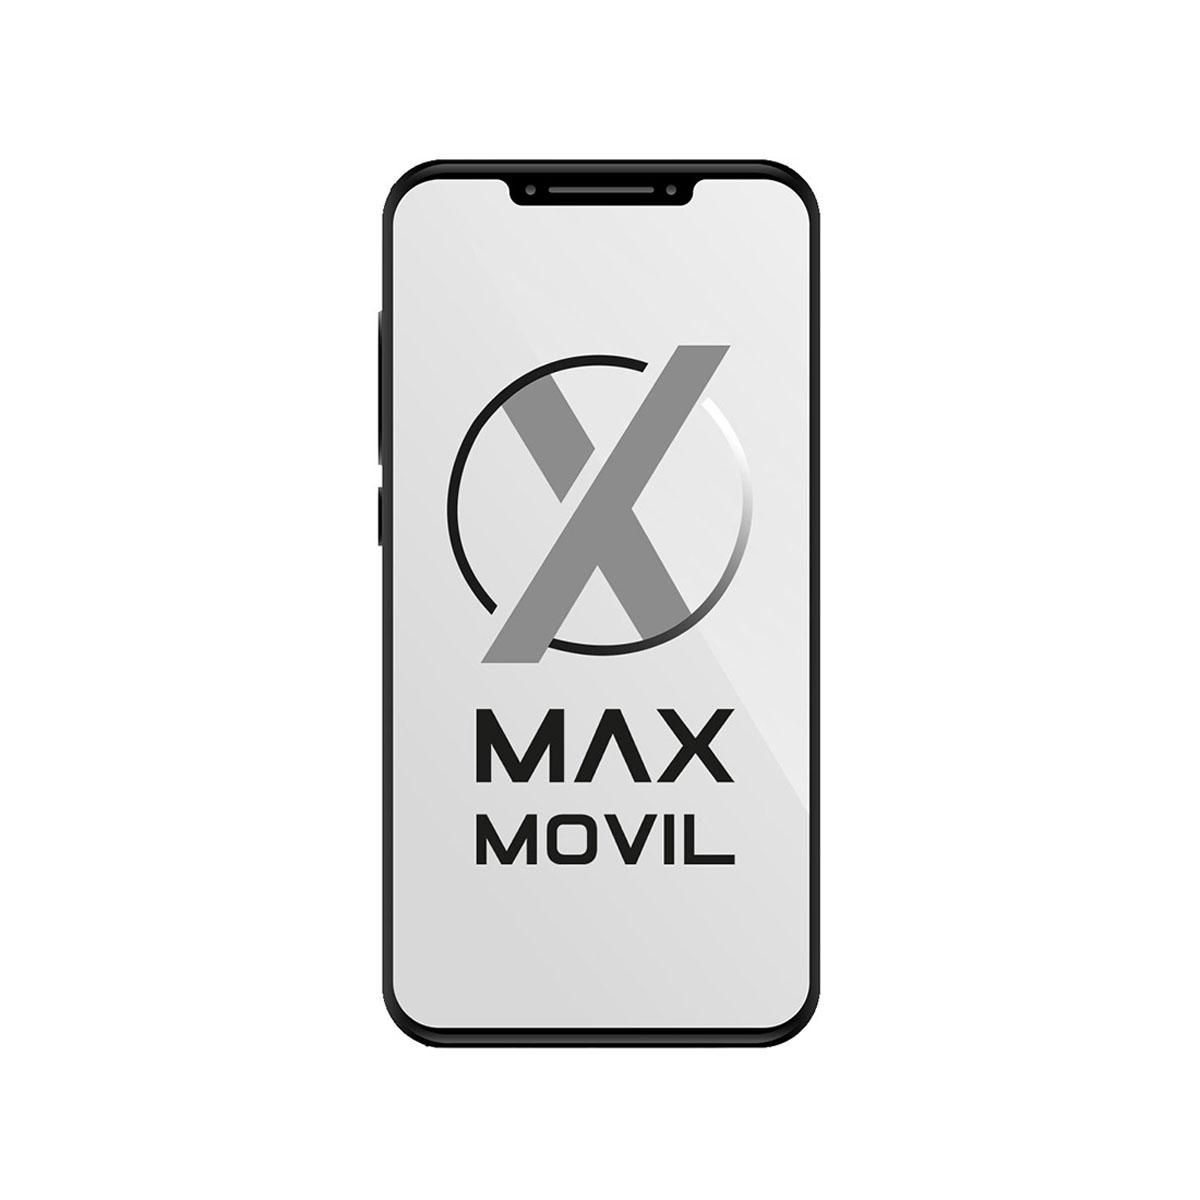 Cargador de corriente Apple a USB 12 W para iPhone, iPad o iPod